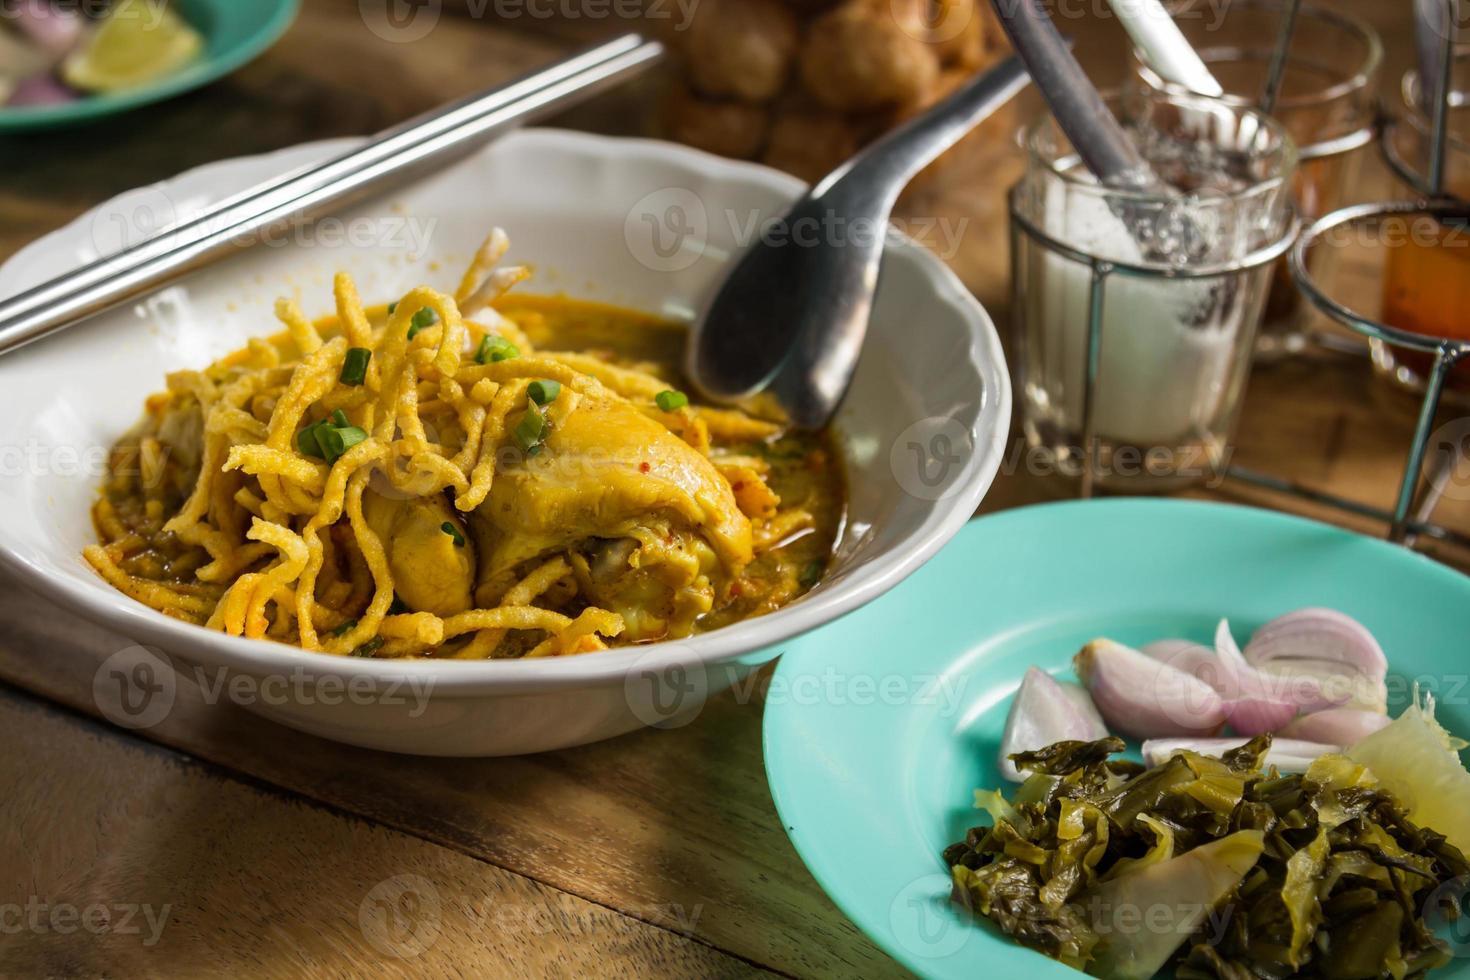 sopa tailandesa do norte, macarrão com caril (khao soi), culinária tailandesa do norte, foto